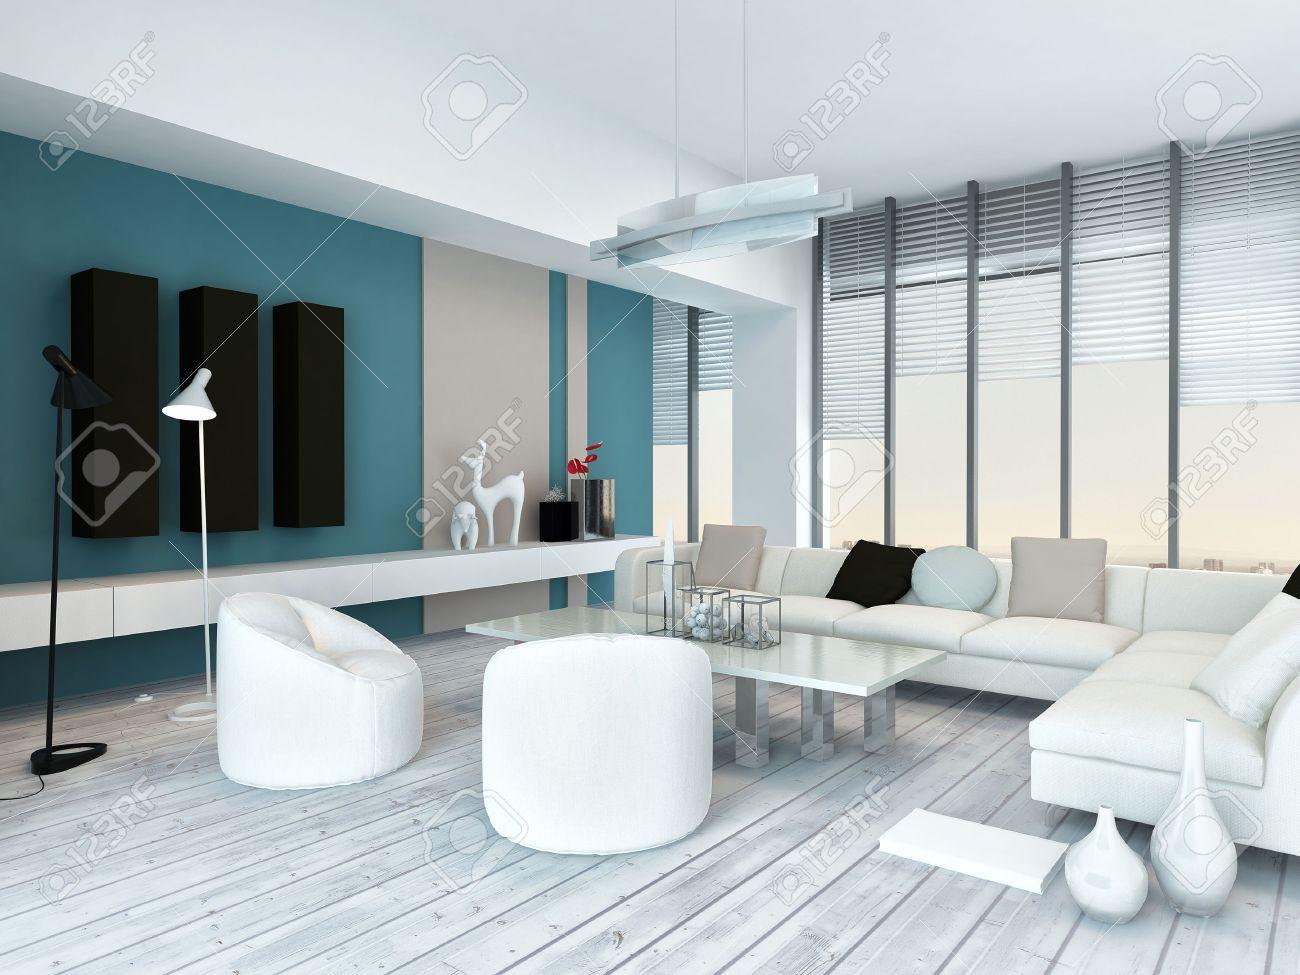 Koele blauwe en witte moderne woonkamer inyerior met wit ...